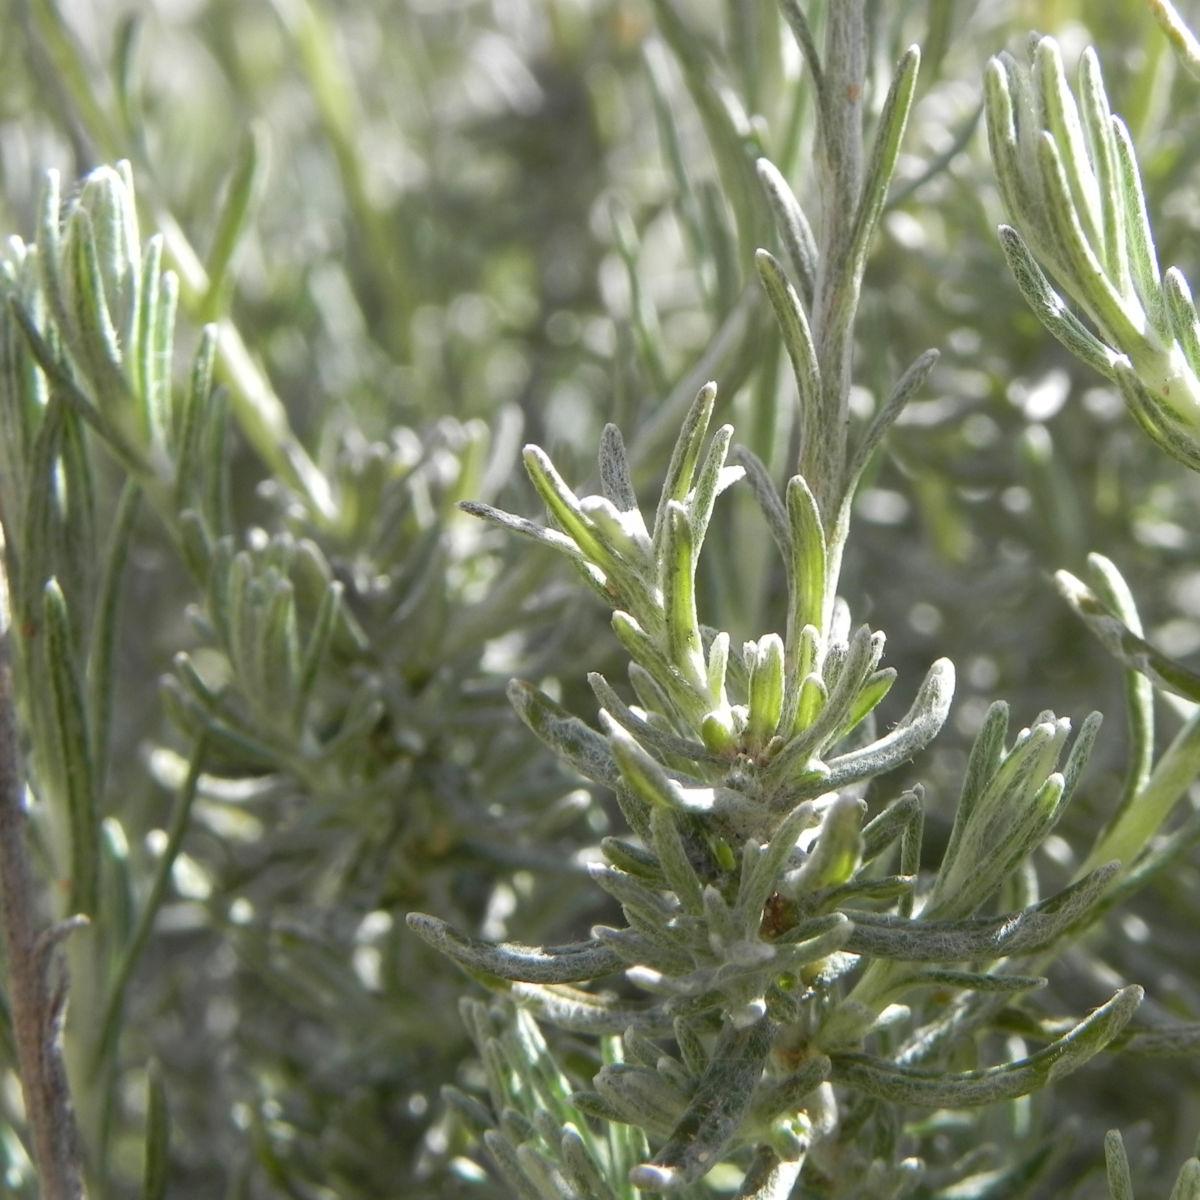 Sand Strohblume silber gruen Knospe Helichrysum arenarium